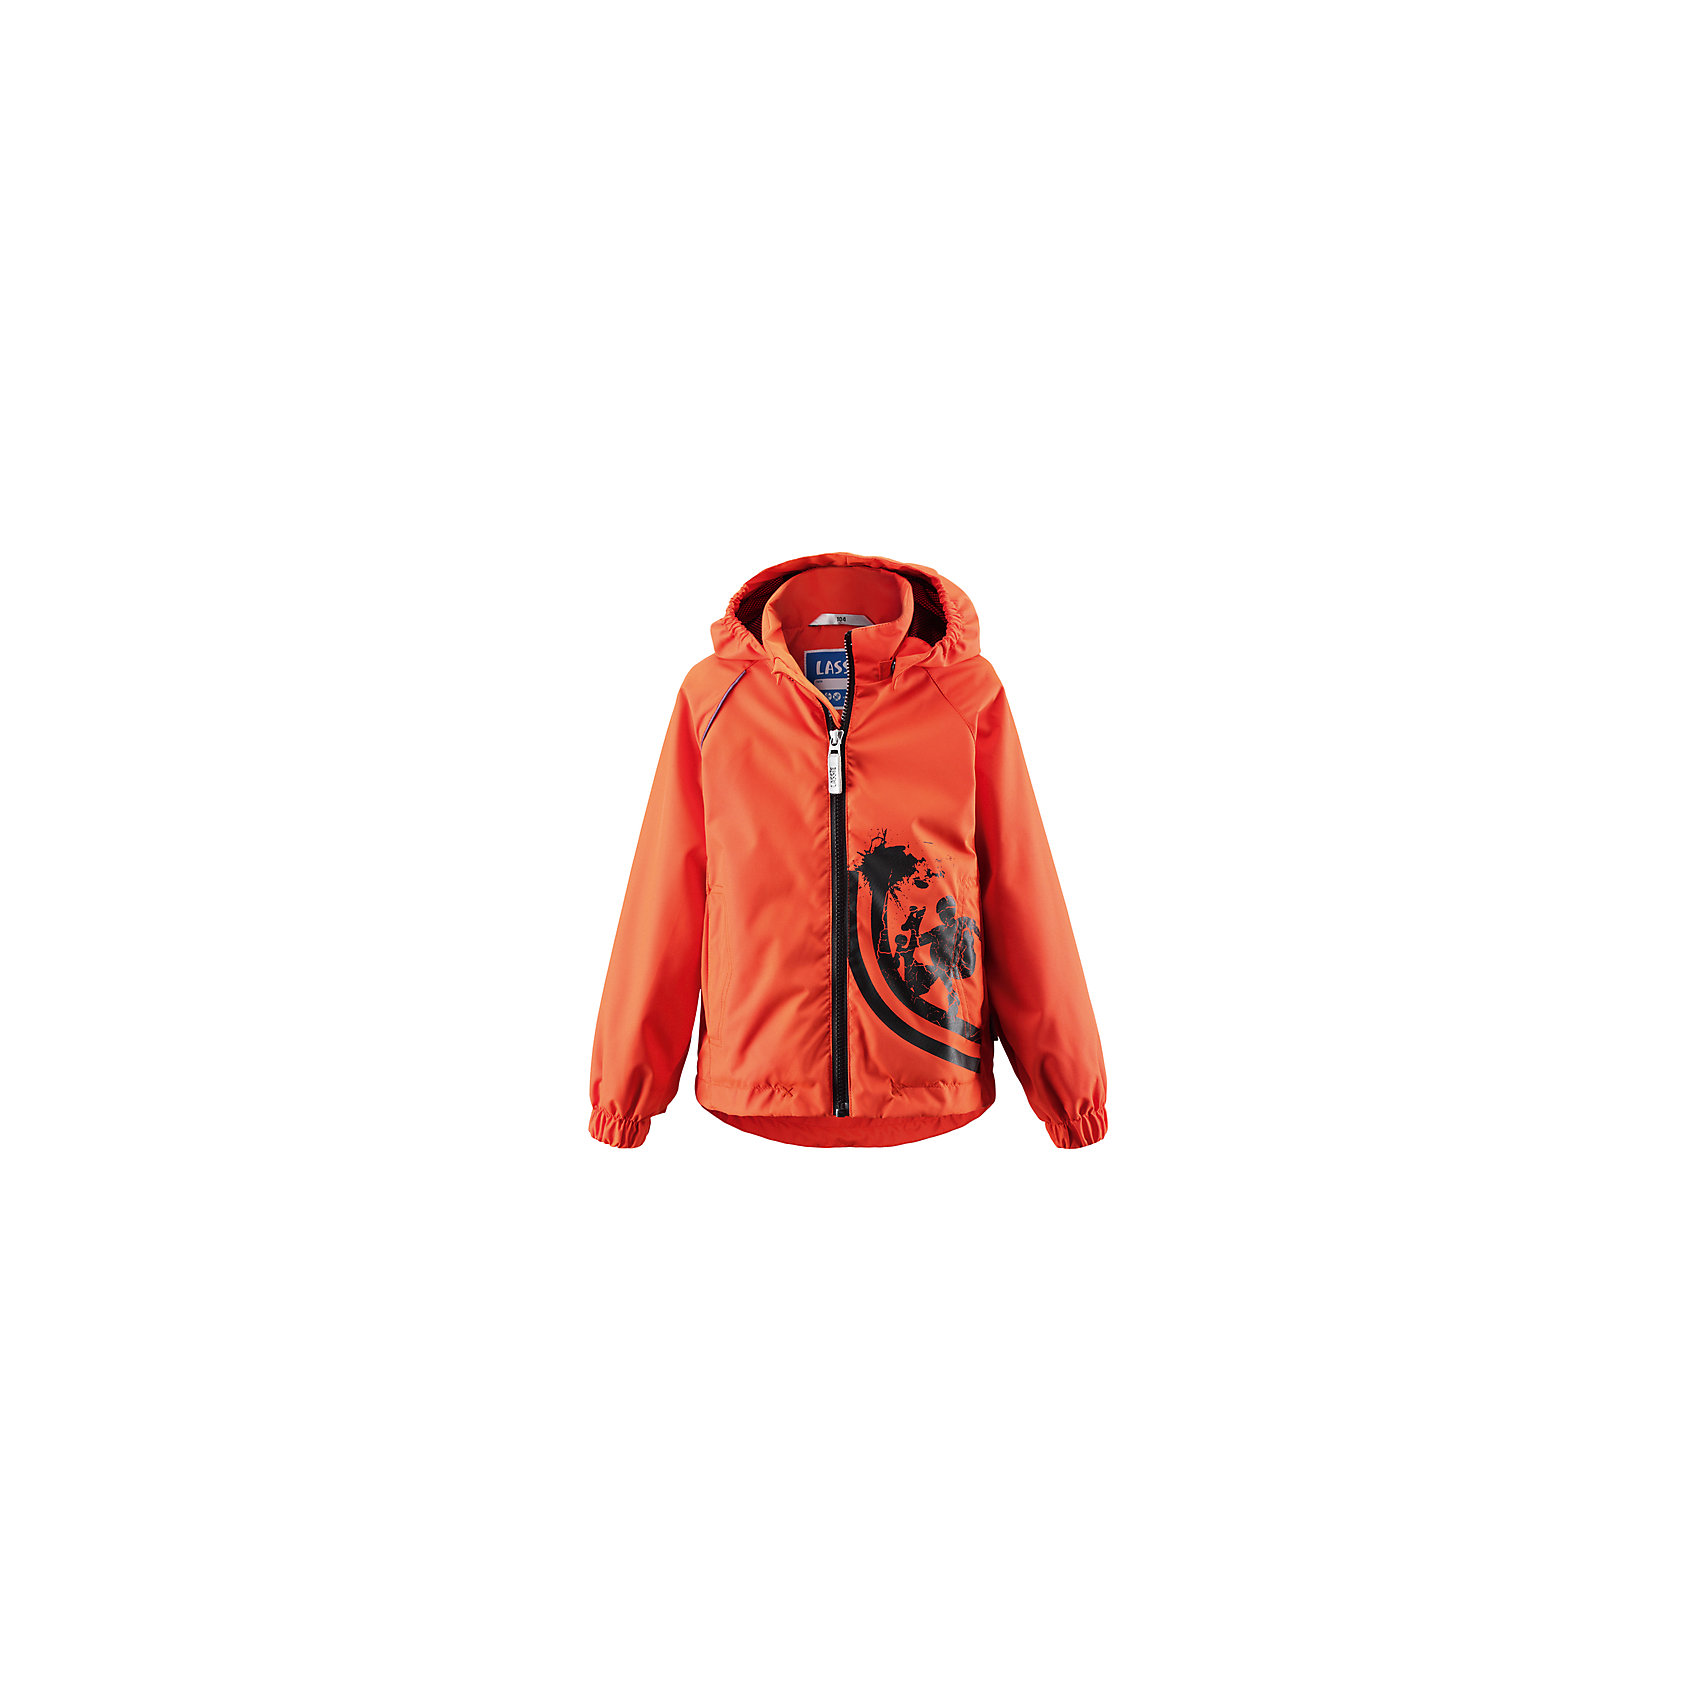 Куртка LASSIE by ReimaКуртка LASSIE by Reima (Лесси от Рейма), оранжевый от известного финского производителя  детской одежды Reima. Демисезонная куртка выполнена из полиэстера, который обладает высокой износоустойчивостью, воздухопроницаемыми, водооталкивающими и грязеотталкивающими свойствами. Изделие устойчиво к изменению формы и цвета даже при длительном использовании. Куртка имеет классическую форму: прямой силуэт с удлиненной спинкой, воротник-стойка, застежка-молния с защитой у подбородка, капюшон и рукава на резинках и 2 боковых прорезных кармана. Куртка имеет полиуретановое покрытие, что делает ее непромокаемой даже в дождливую погоду. Изделие выполнено в ярком дизайне: оранжевый цвет, на боковой полочке спереди имеется принт.   <br><br>Дополнительная информация:<br><br>- Предназначение: повседневная одежда для прогулок и активного отдыха<br>- Цвет: оранжевый<br>- Пол: для мальчика<br>- Состав: 100% полиэстер, полиуретановое покрытие<br>- Сезон: весна-осень (демисезонная)<br>- Особенности ухода: стирать изделие, предварительно вывернув его на левую сторону, не использовать отбеливающие вещества<br><br>Подробнее:<br><br>• Для детей в возрасте: от 5 лет и до 6 лет<br>• Страна производитель: Китай<br>• Торговый бренд: Reima, Финляндия<br><br>Куртку LASSIE by Reima (Лесси от Рейма), оранжевый можно купить в нашем интернет-магазине.<br><br>Ширина мм: 356<br>Глубина мм: 10<br>Высота мм: 245<br>Вес г: 519<br>Цвет: оранжевый<br>Возраст от месяцев: 72<br>Возраст до месяцев: 84<br>Пол: Унисекс<br>Возраст: Детский<br>Размер: 122,104,116<br>SKU: 4869802